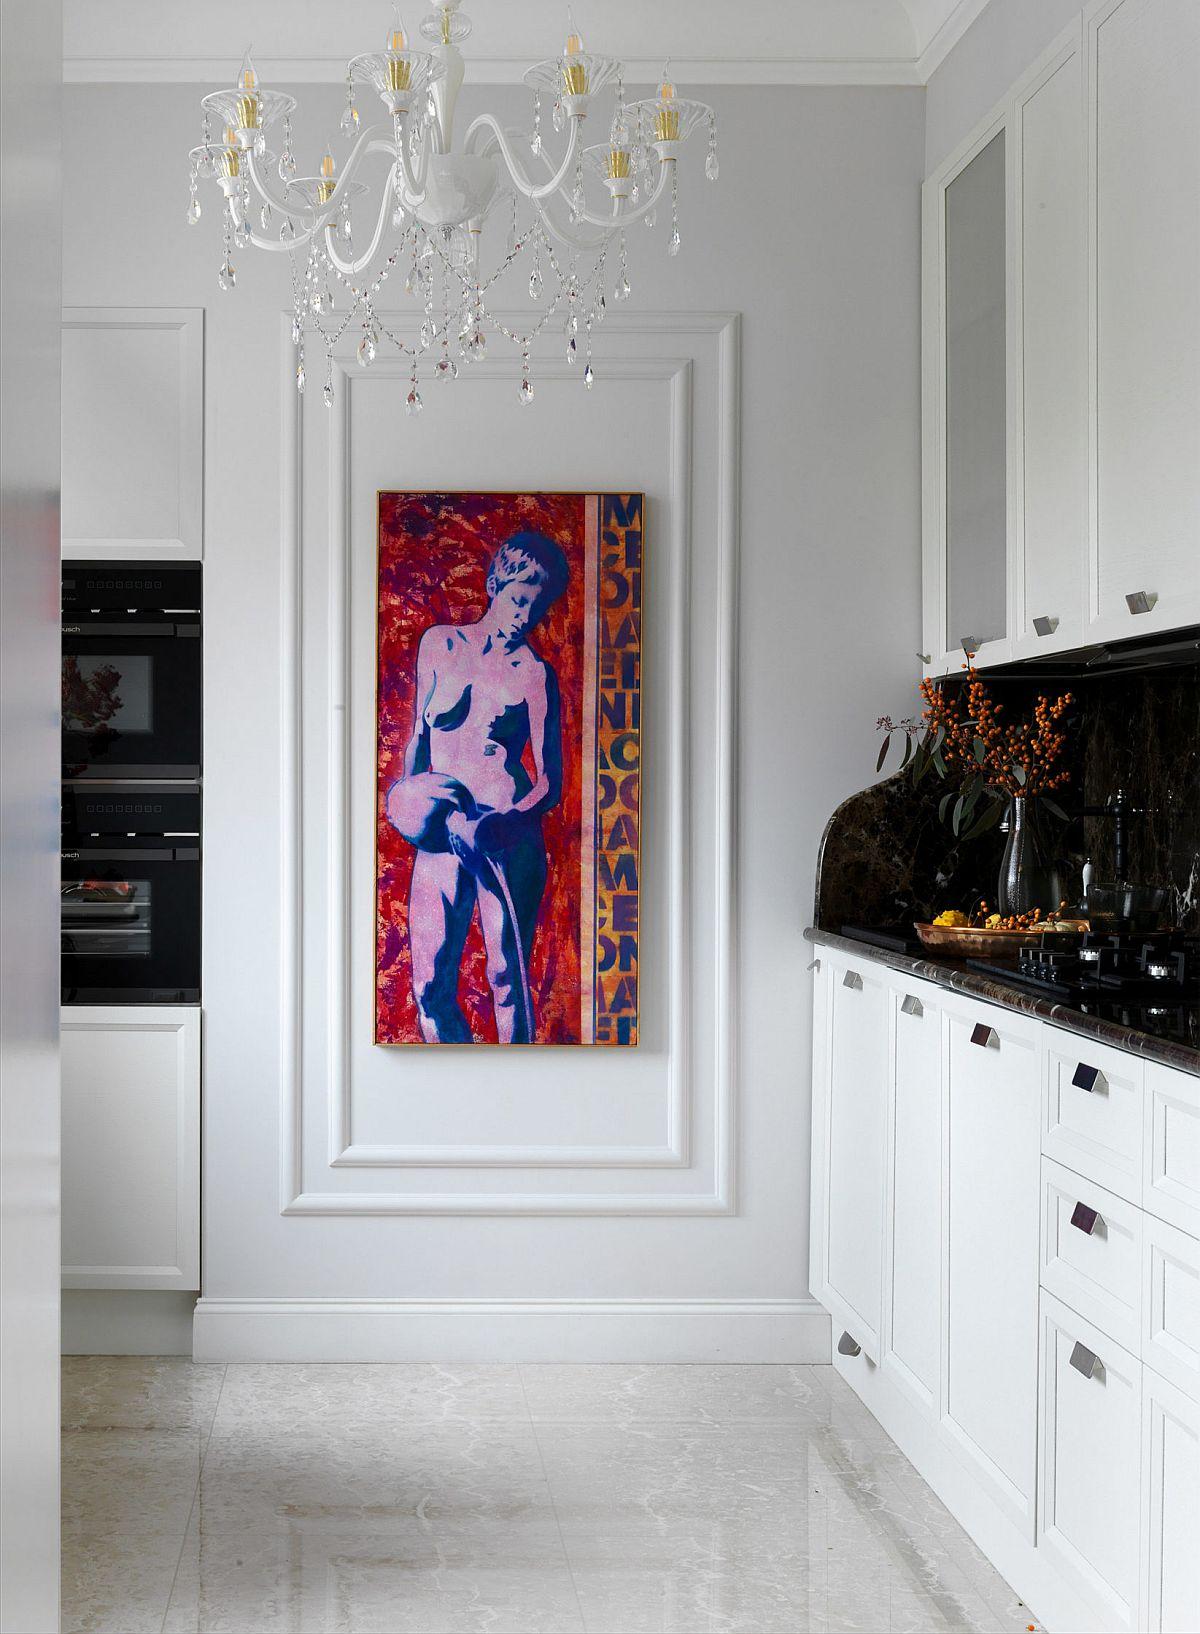 Din zona locului de luat masa se vede bucătăria, tratată la fel de artistic. Pentru a anihila caracterul ei tehnic, designul a prevăzut ca pe peretele ce se vede direct din zona de zi să fie amplasat un tablou. În rest amenajarea este cu aer clasic, mobila fiind o combinație de alb și negru. Zona de blat este tratată închis pentru ca electrocasnicele să fie mai bine camuflate.